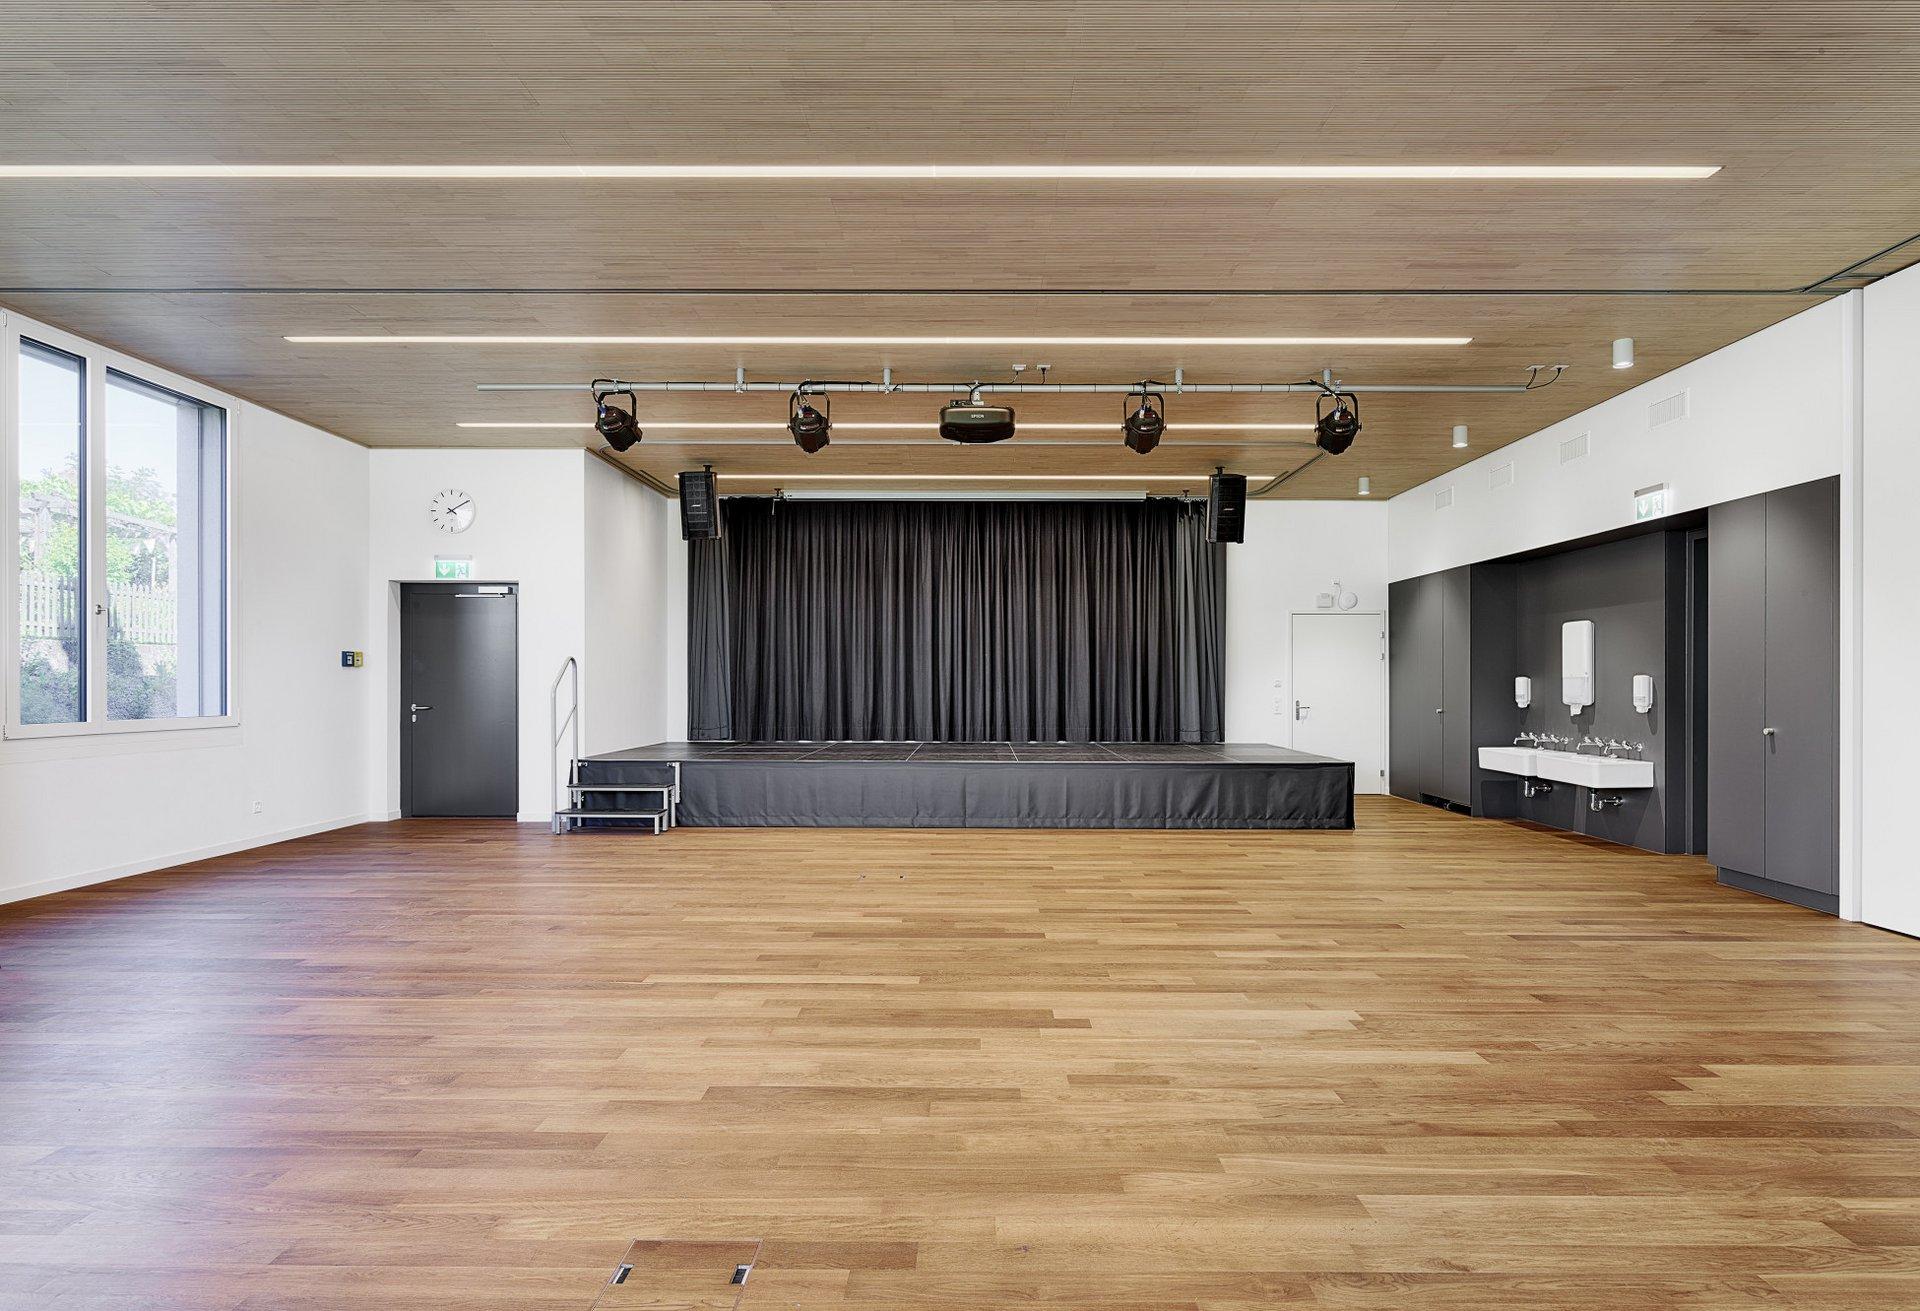 Blick in die Aula und der darinstehenden Bühne und den allesamt in dunkelgrau gehaltenen Hölzernen Wandschränken